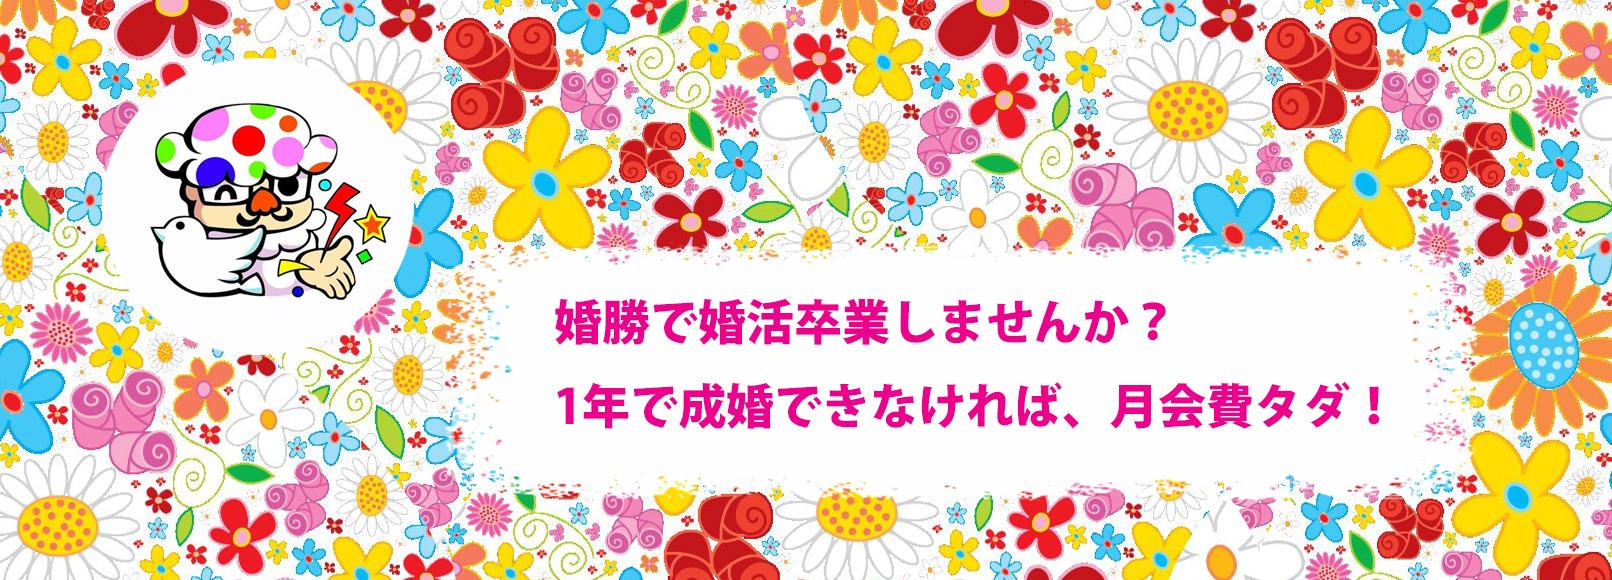 福岡婚活の為の結婚相談所